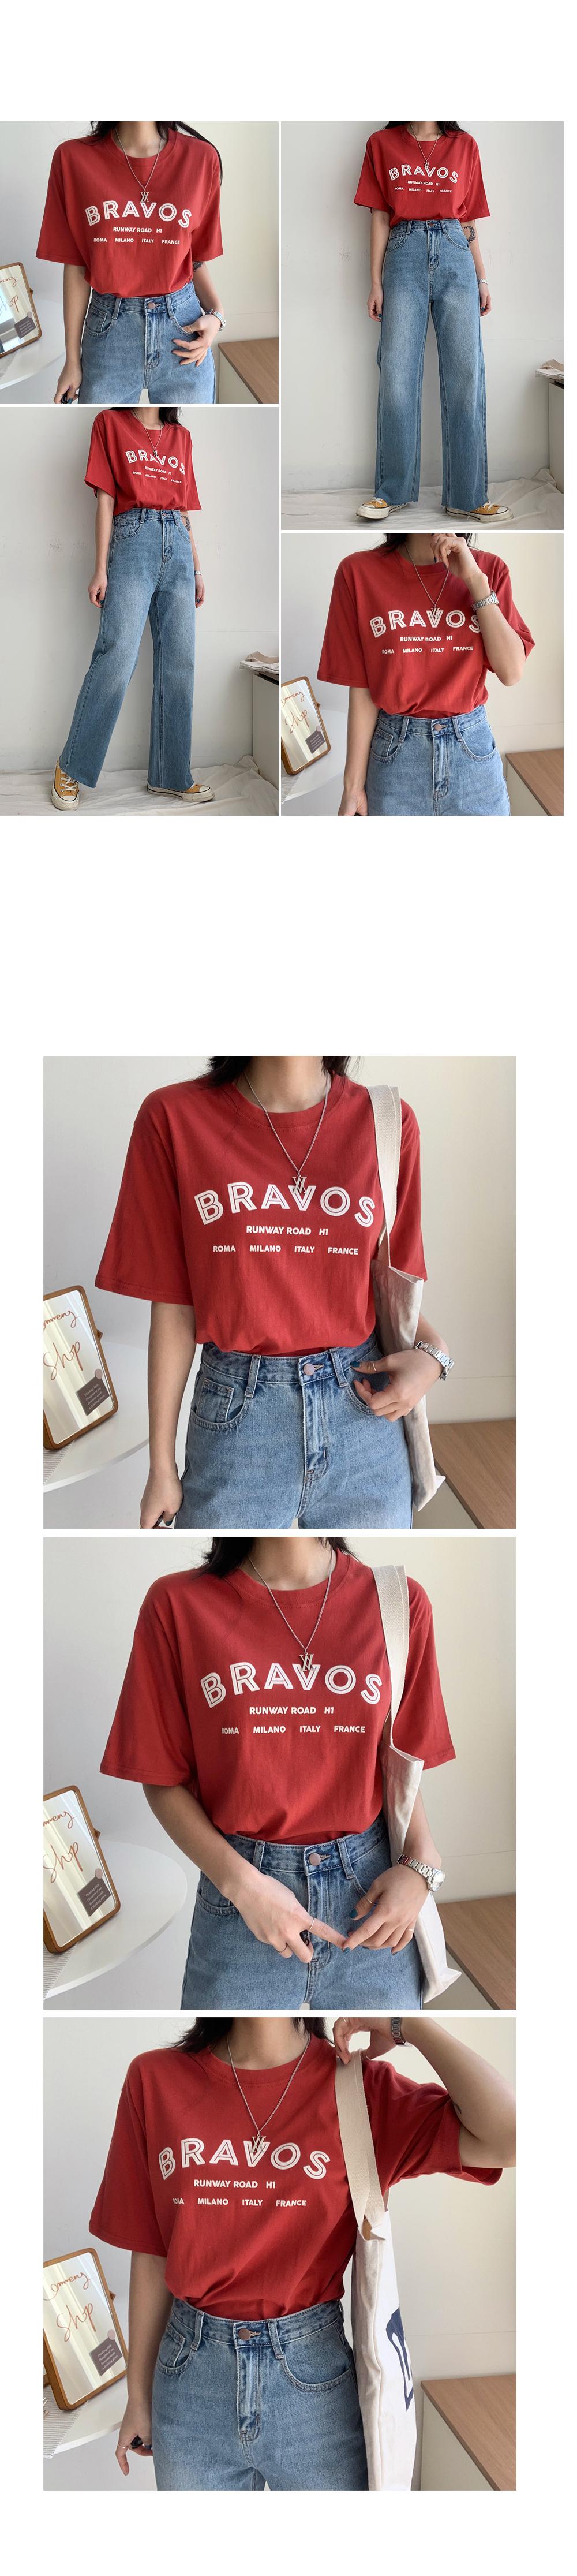 Bravo Printing Short Sleeve Tee